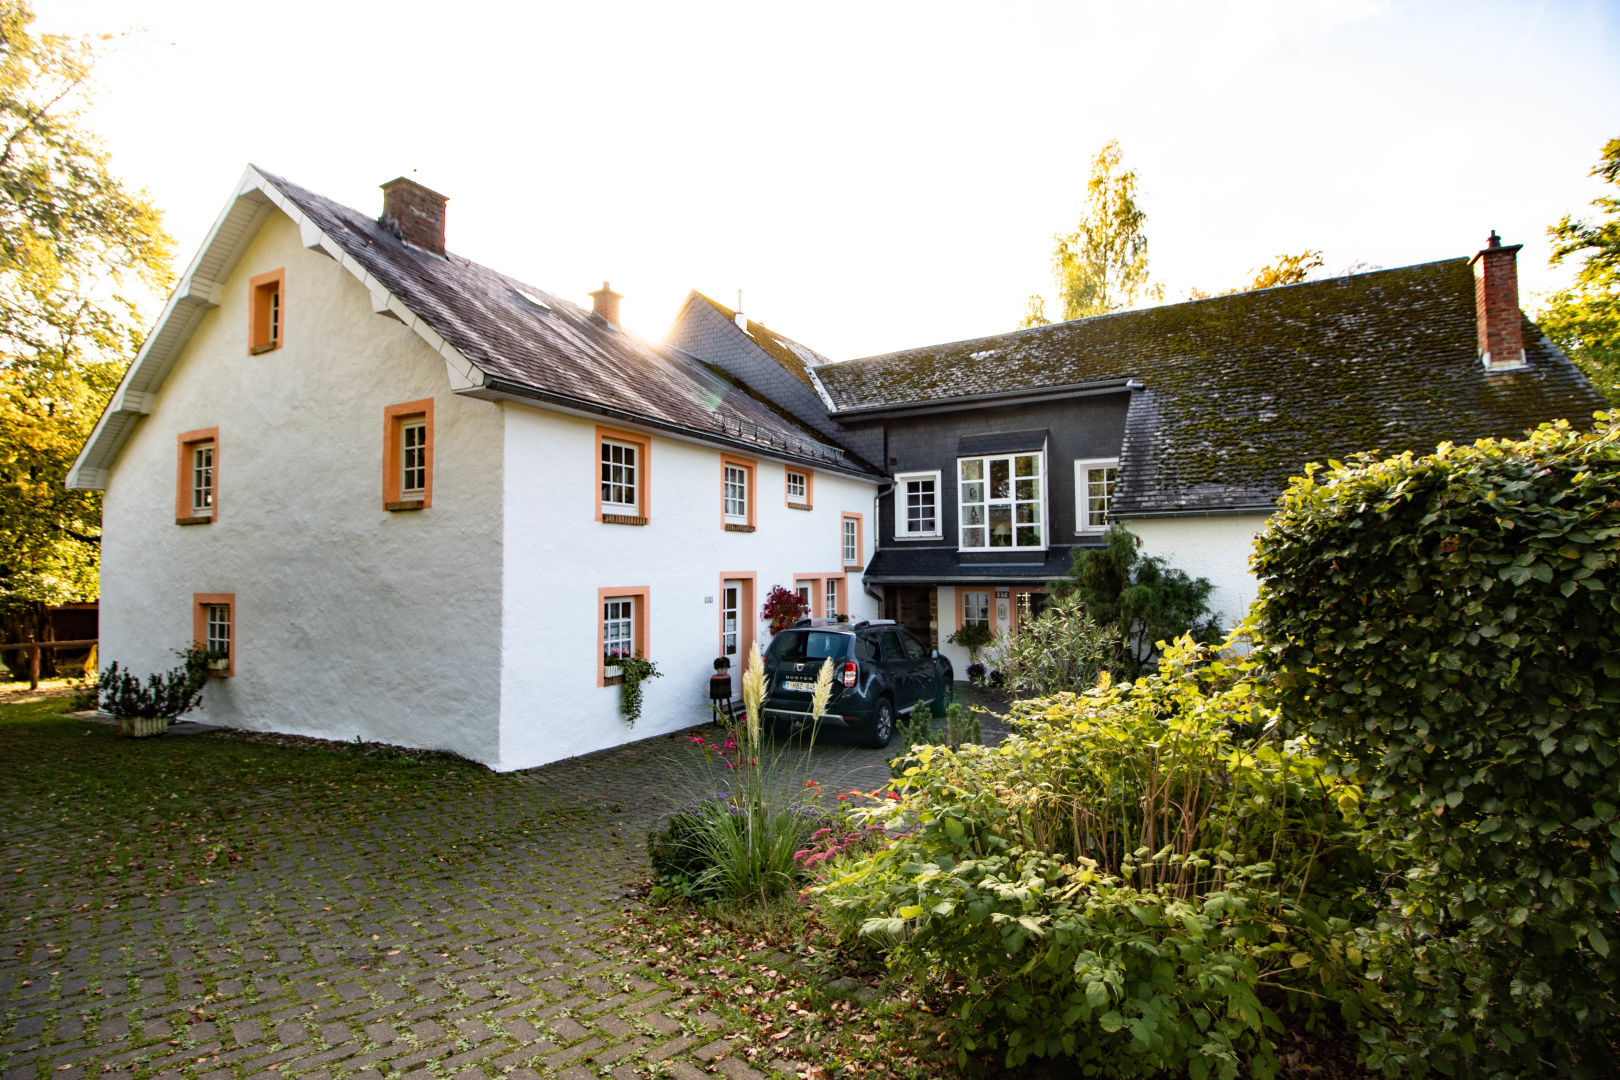 Maison à Hünningen